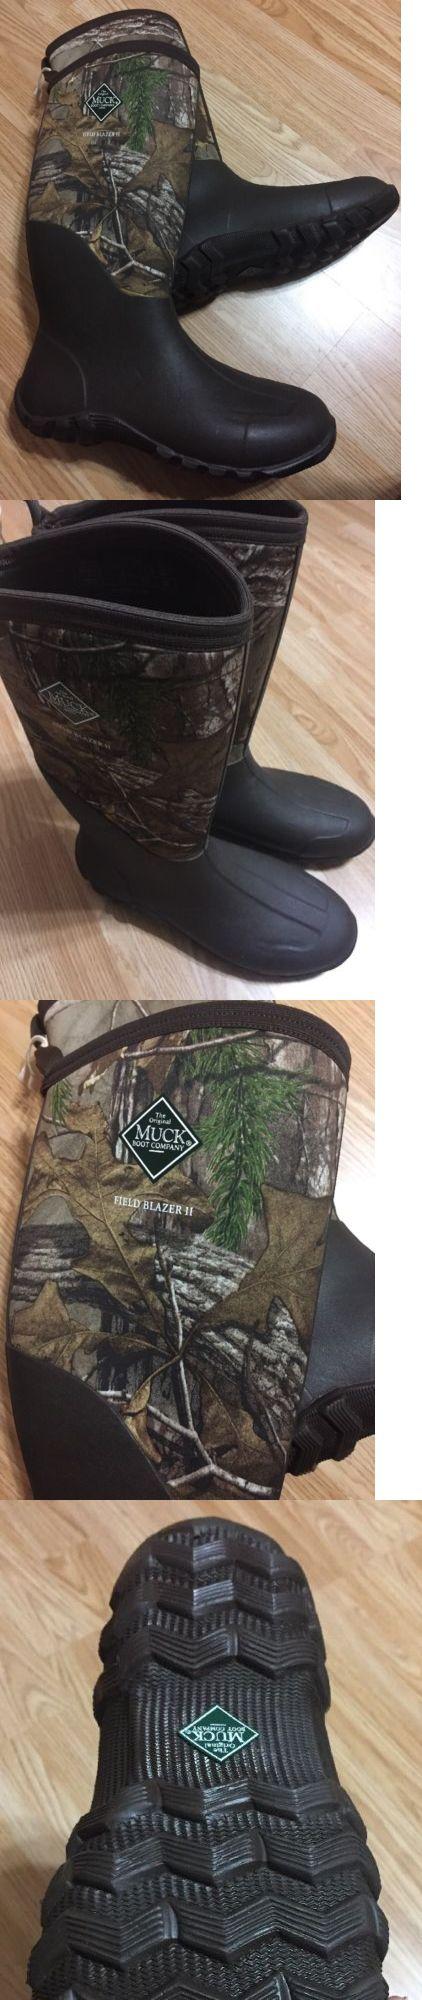 Hunting Footwear 153008: Muck Boots Field Blazer Mossy Oak Break-Up~ Hunting~ Mens 12/ Womens 13 -> BUY IT NOW ONLY: $72.9 on eBay!